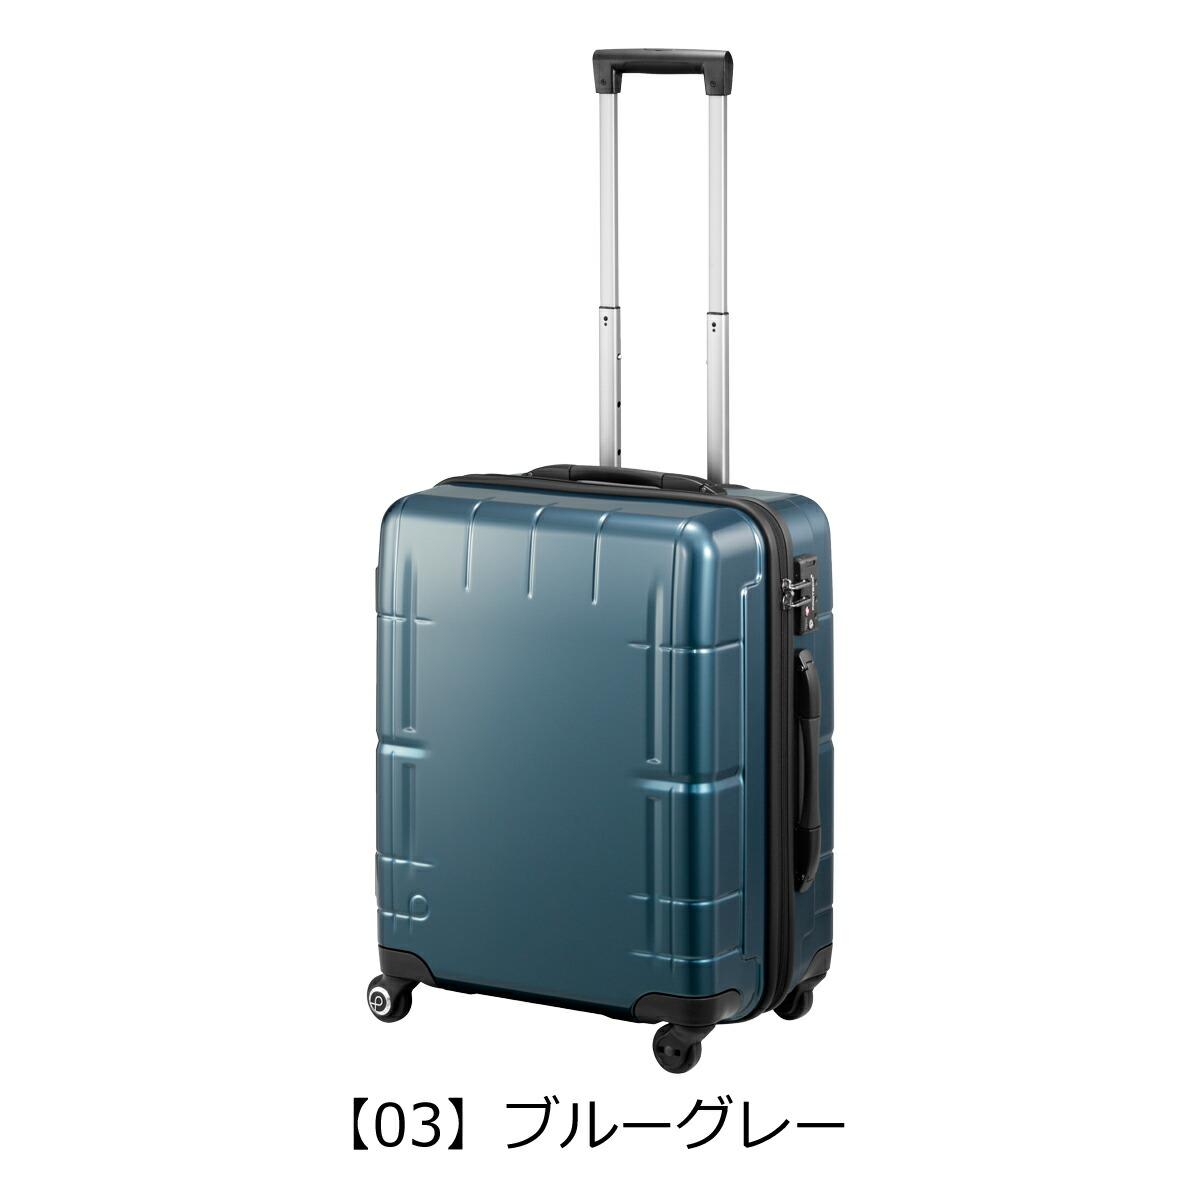 【03】ブルーグレー